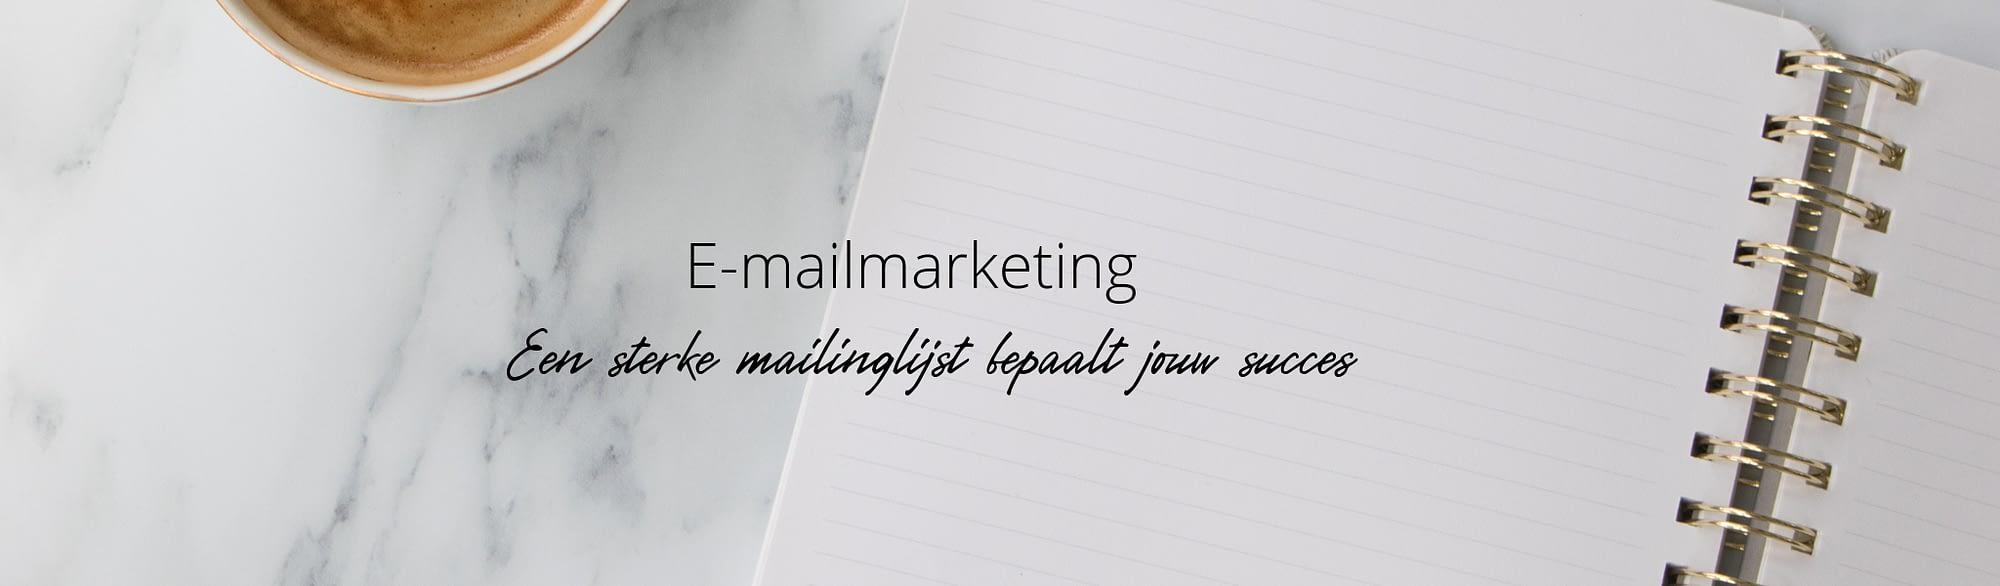 _E-mailmarketing_ funnel marketing voor ondernemers in belgië